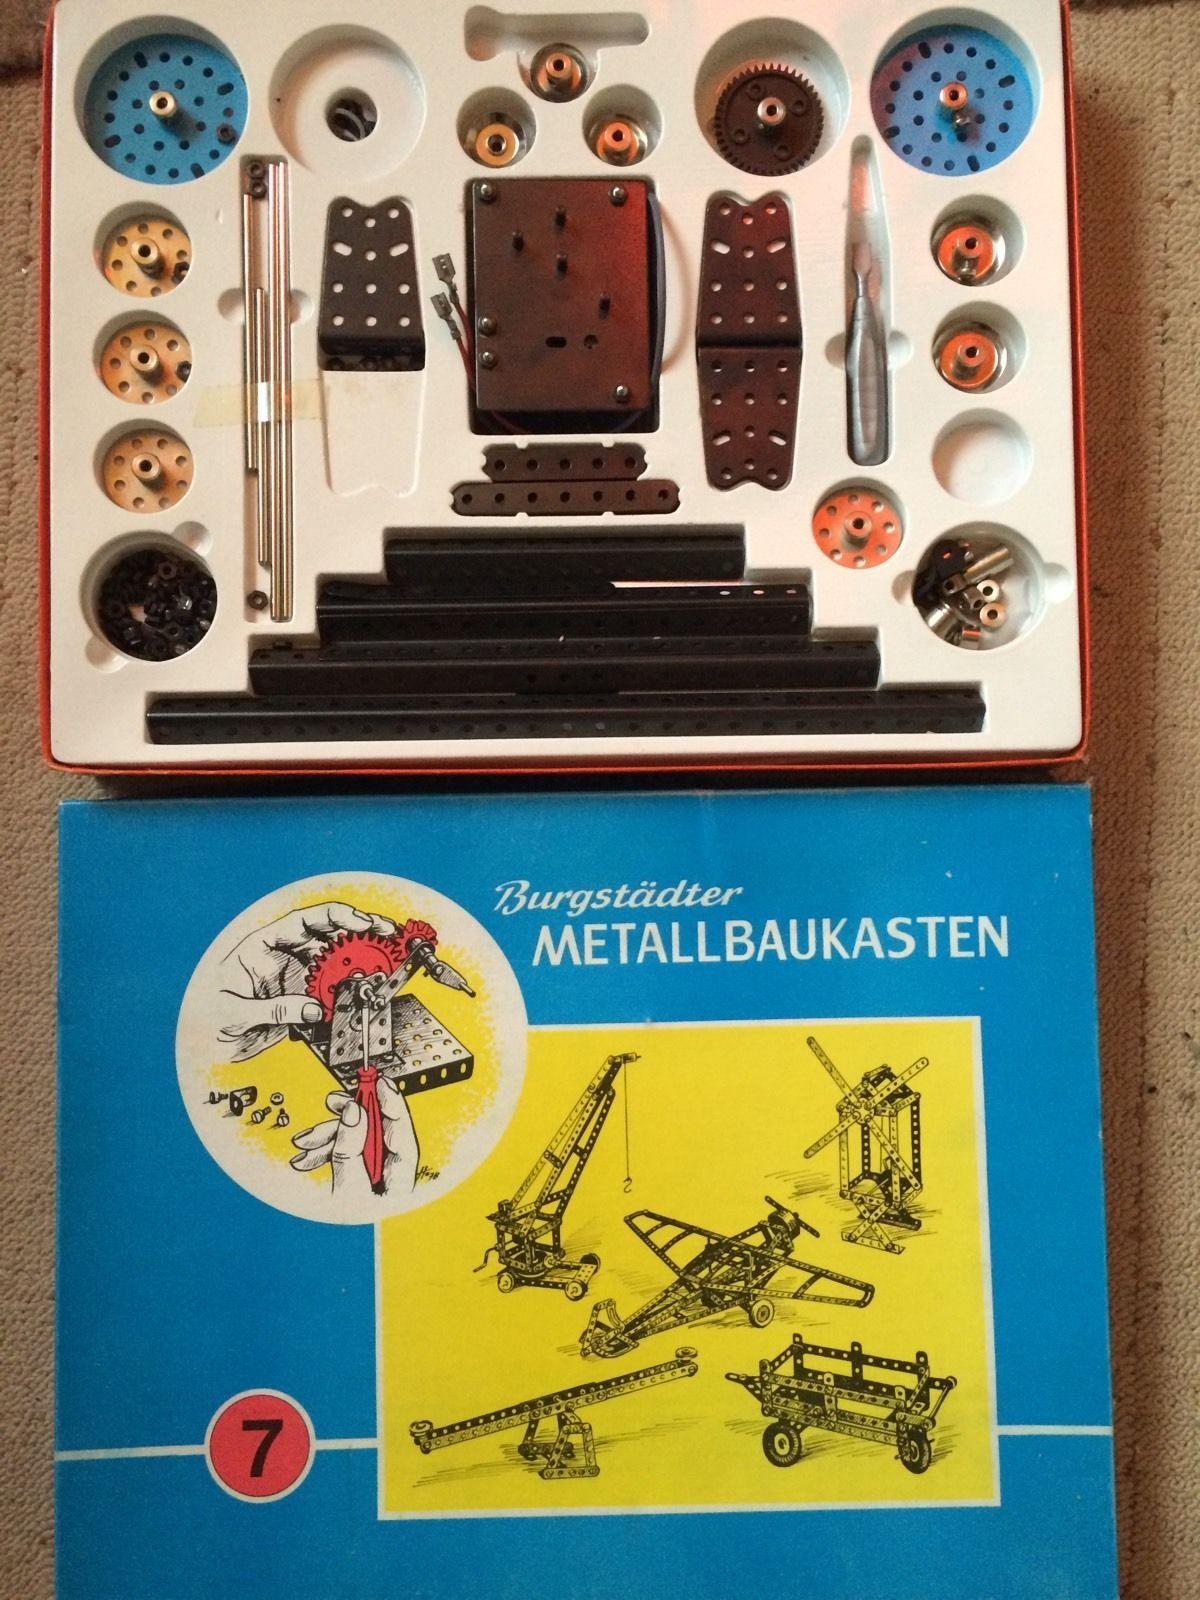 Ddr Spielzeug Construction Metallbaukasten Konvolut Anleitungen 12 5kg Eur 1 00 Vintage Toys Retro Childhood Memories